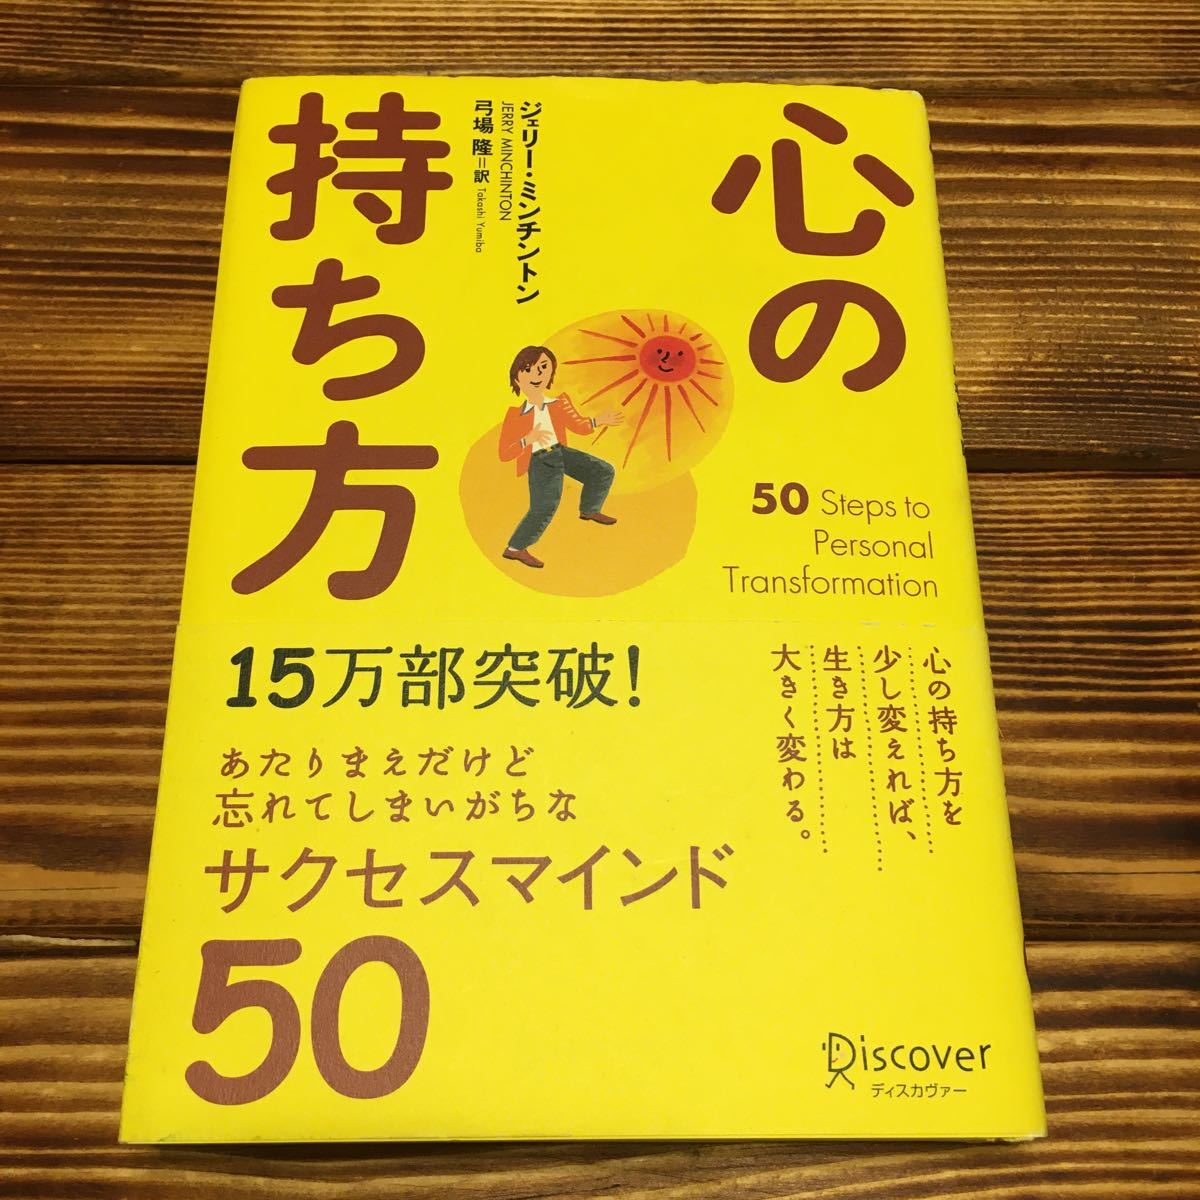 心の持ち方/ジェリーミンチントン (著者) 弓場隆 (著者)